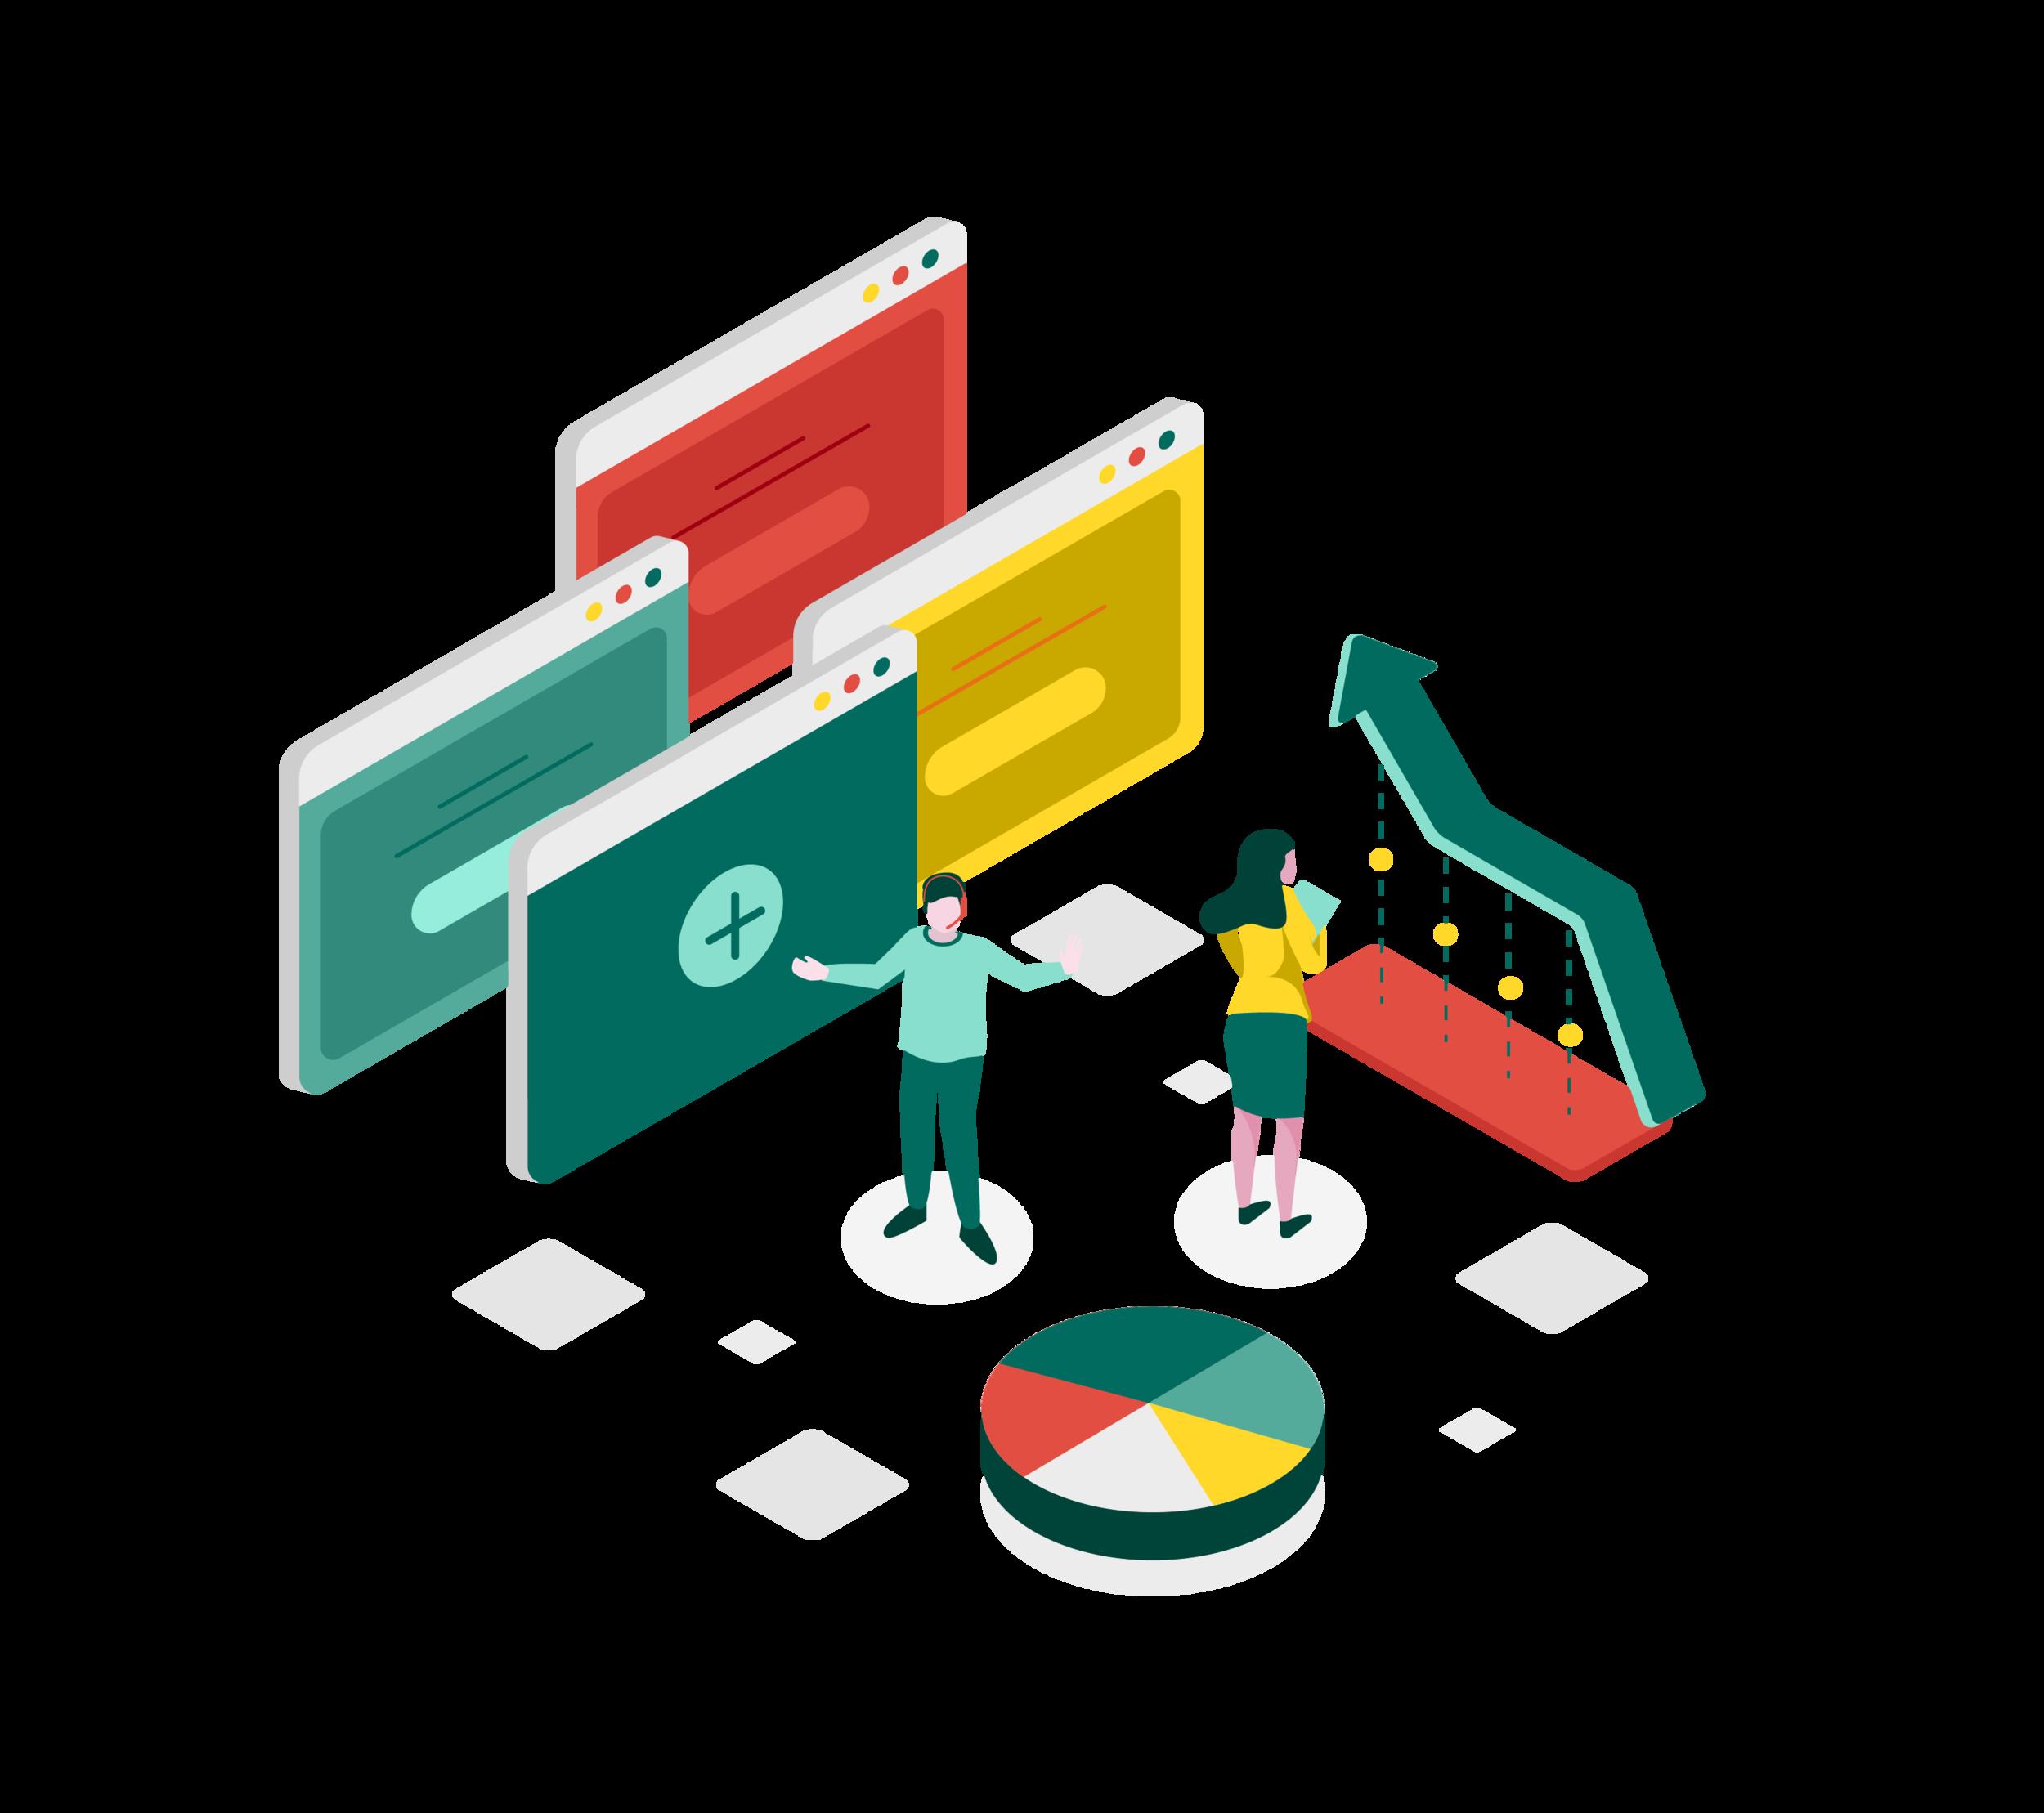 Branding - Il est maintenant primordial d'avoir une image de marque unique et accrocheuse dans notre monde ou le consommateur prend ses décisions d'achats sur l'identité et les valeurs du vendeur plutôt que sur le produit. Notre équipe vous aidera à vous positionner et à développer votre identité unique à travers votre message et vos valeurs et à la diffuser avec de nouveaux logos, site web, cartes professionnelles et brochures. Soyez accrocheur, soyez vous.